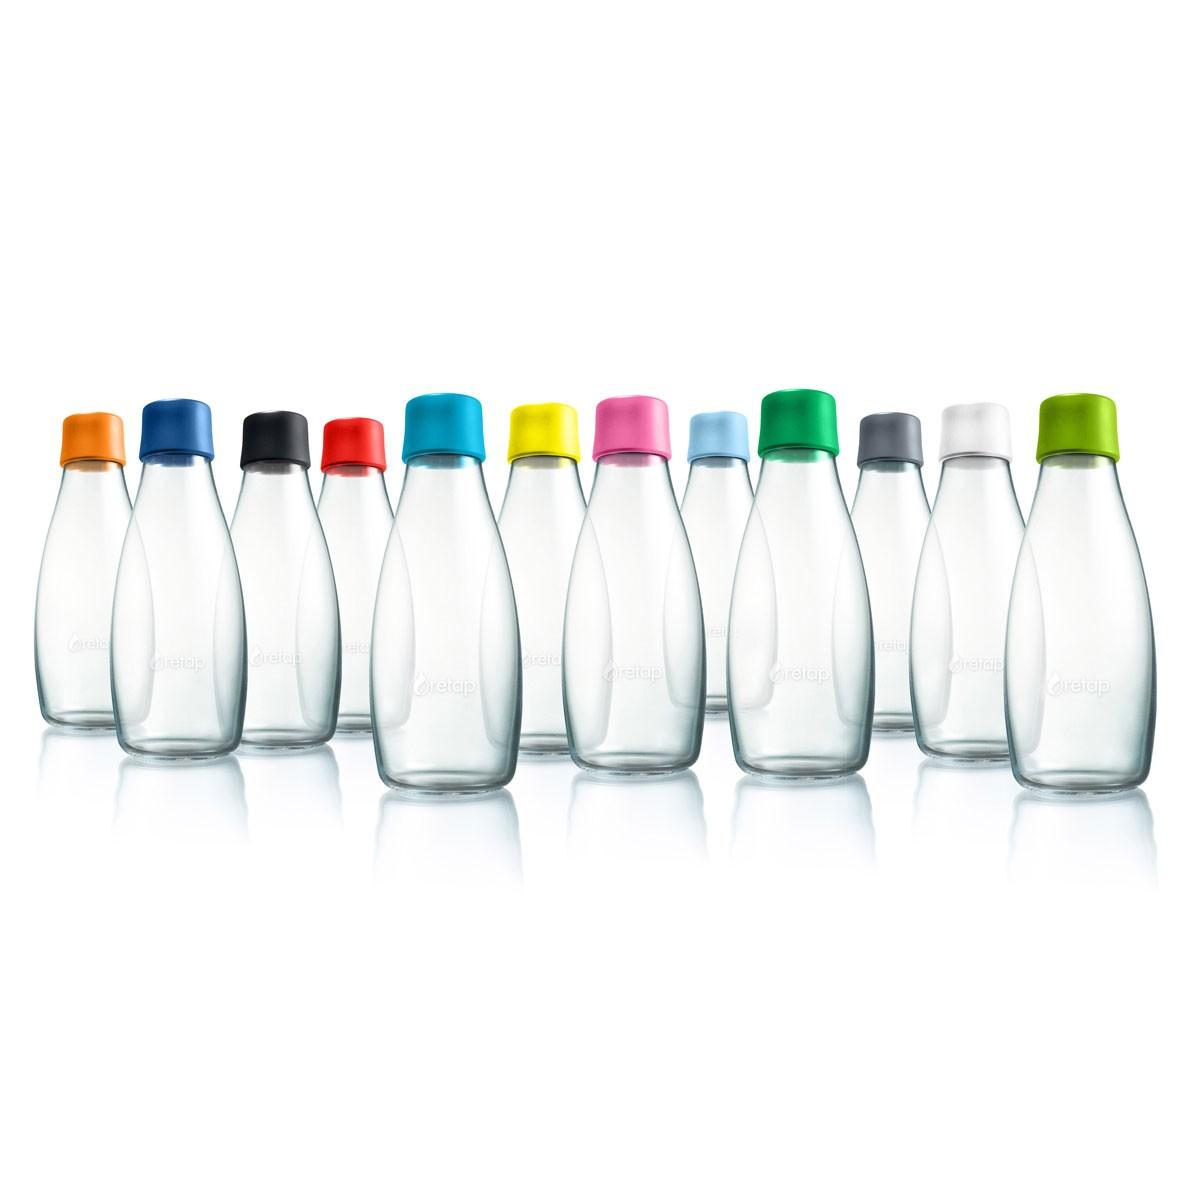 Wiederverwendbare Wasserflasche mit Verschluss - 0,8 Liter von retap